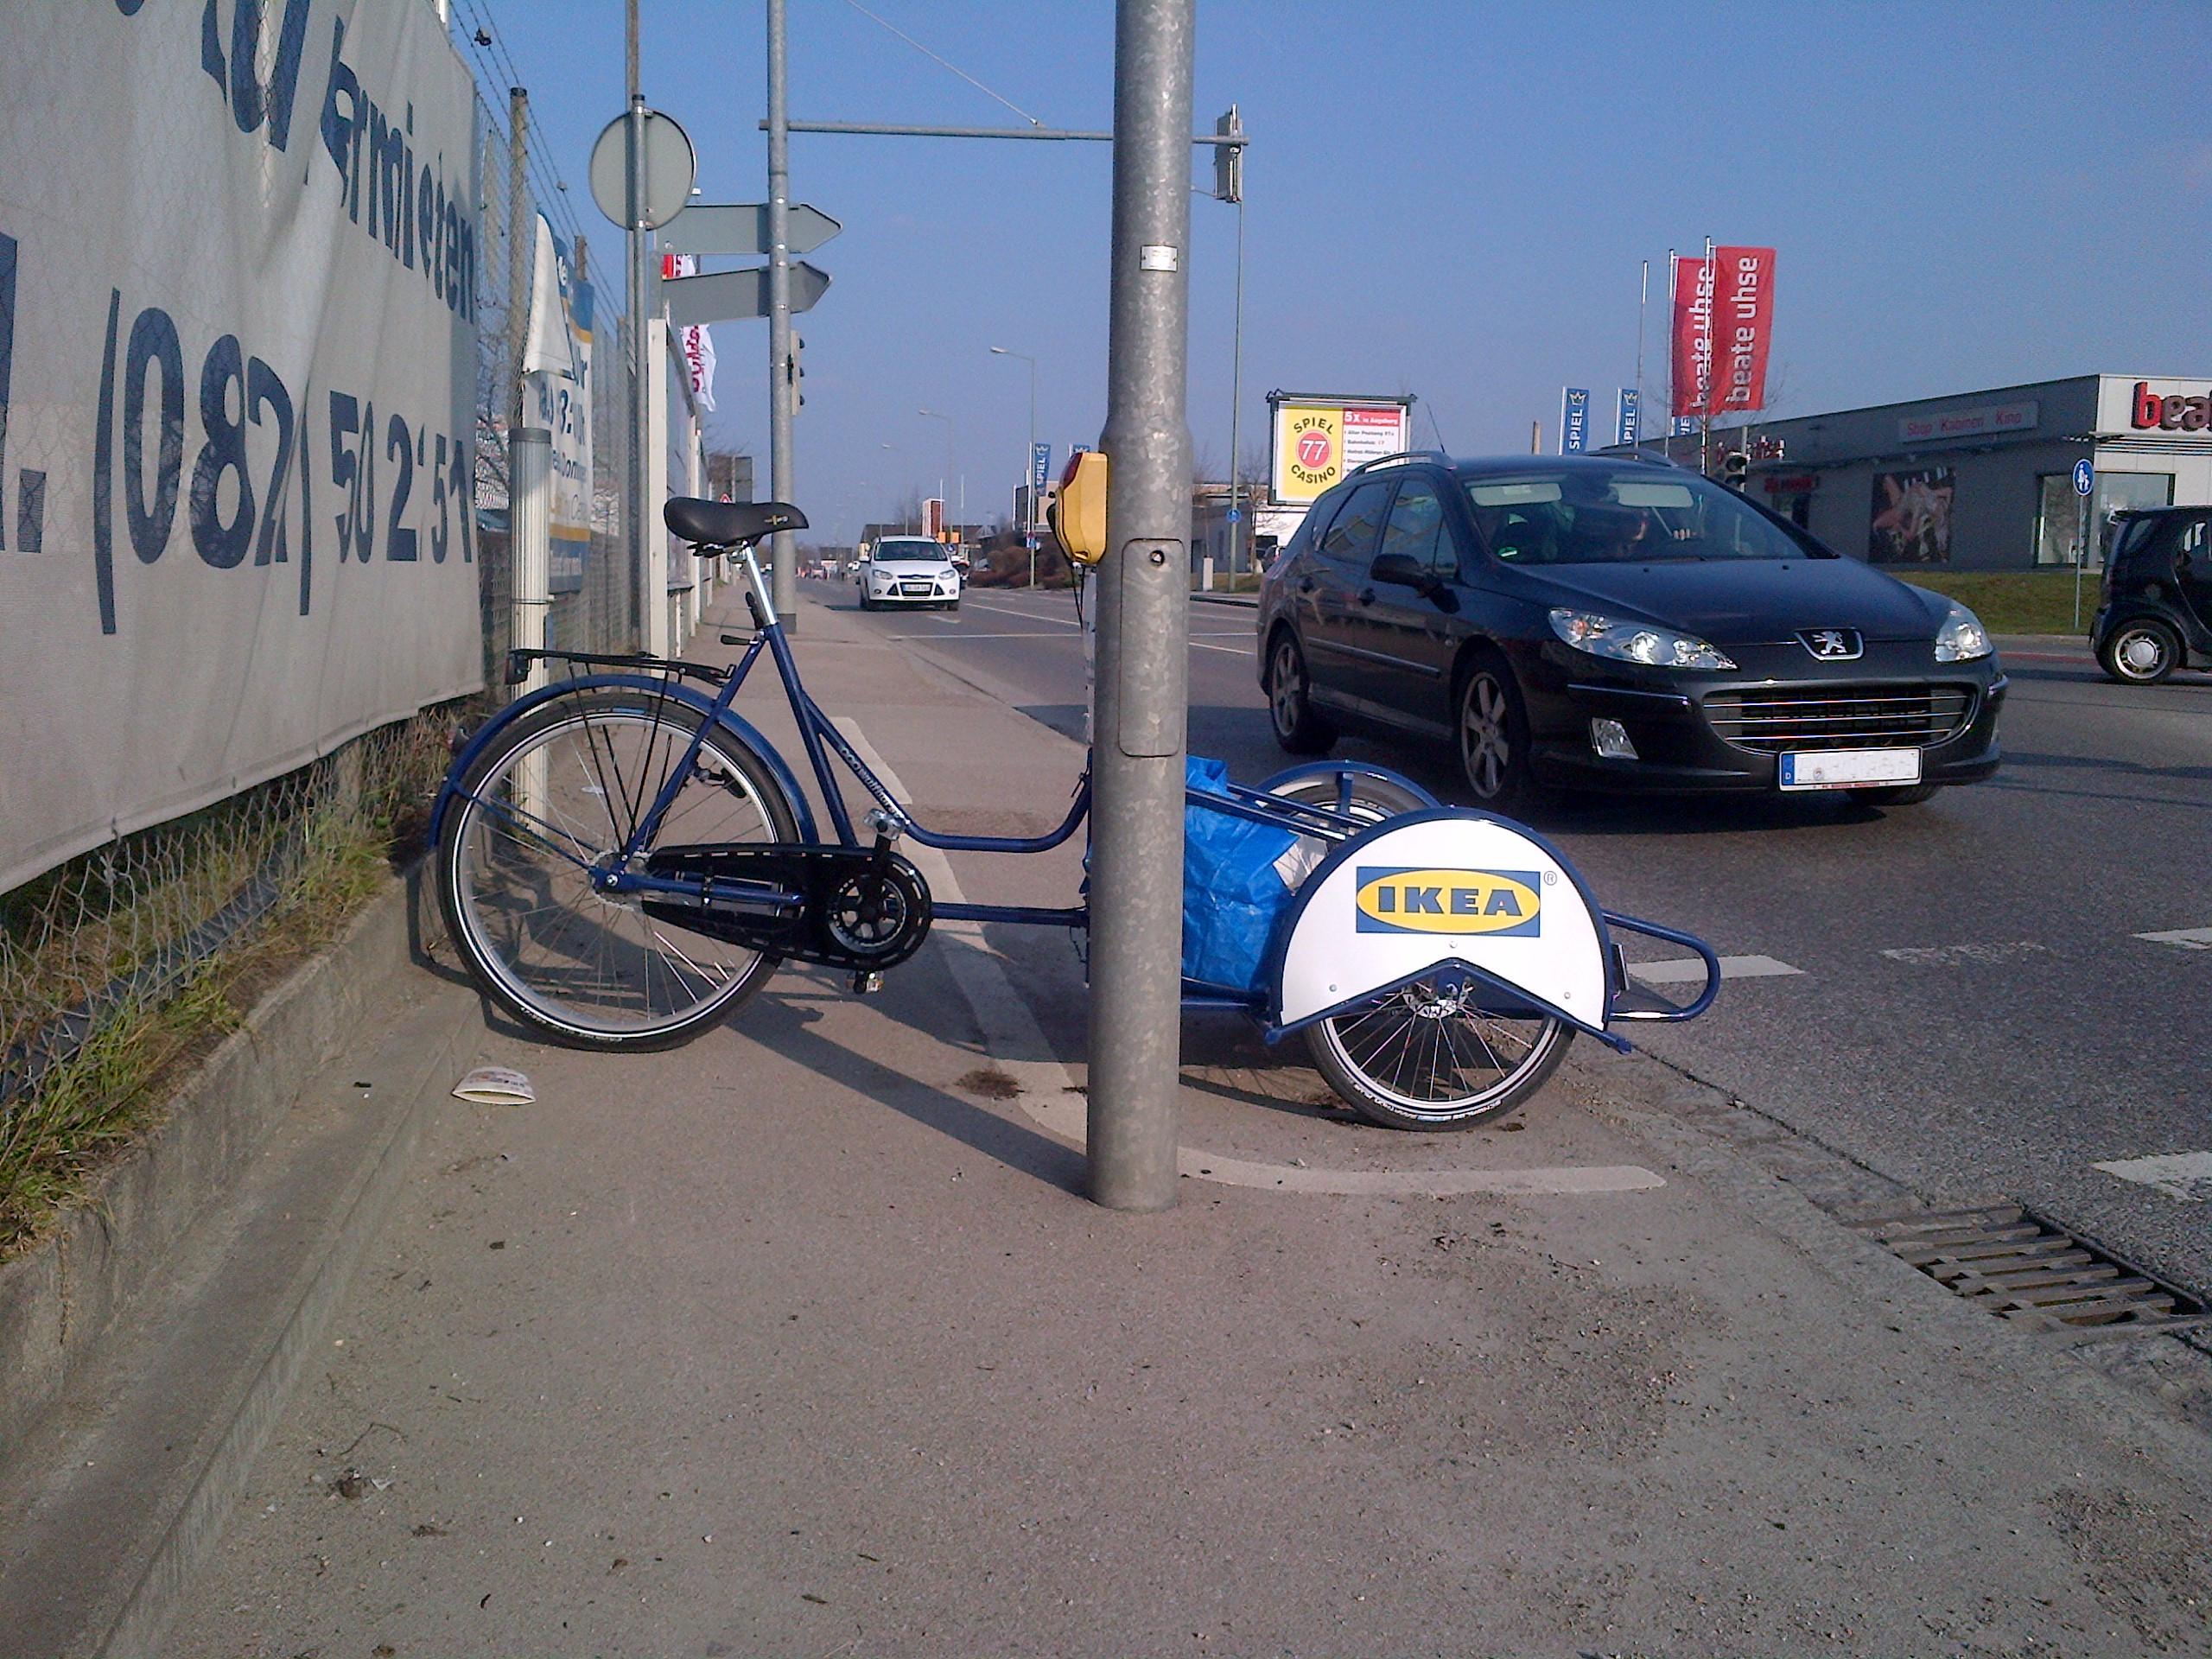 Das Lastenrad steht quer auf Geh- und Radweg. Der Vorderteil ragt dabei trotzdem noch auf die Fahrbahn.